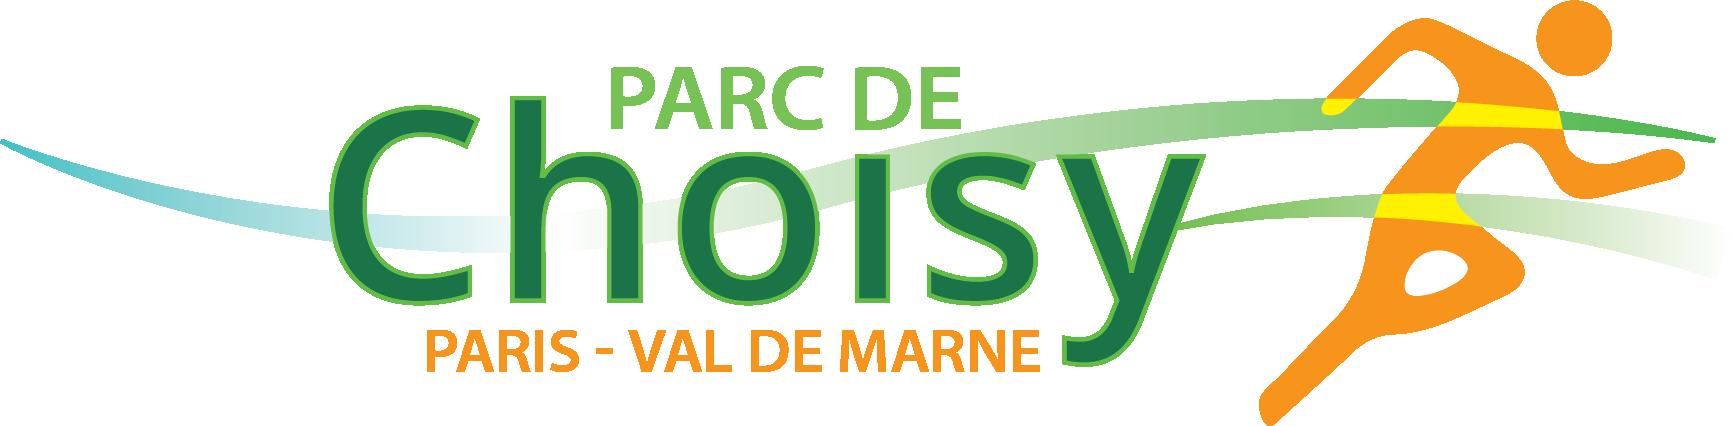 Parc de Choisy Paris – Val-de-Marne